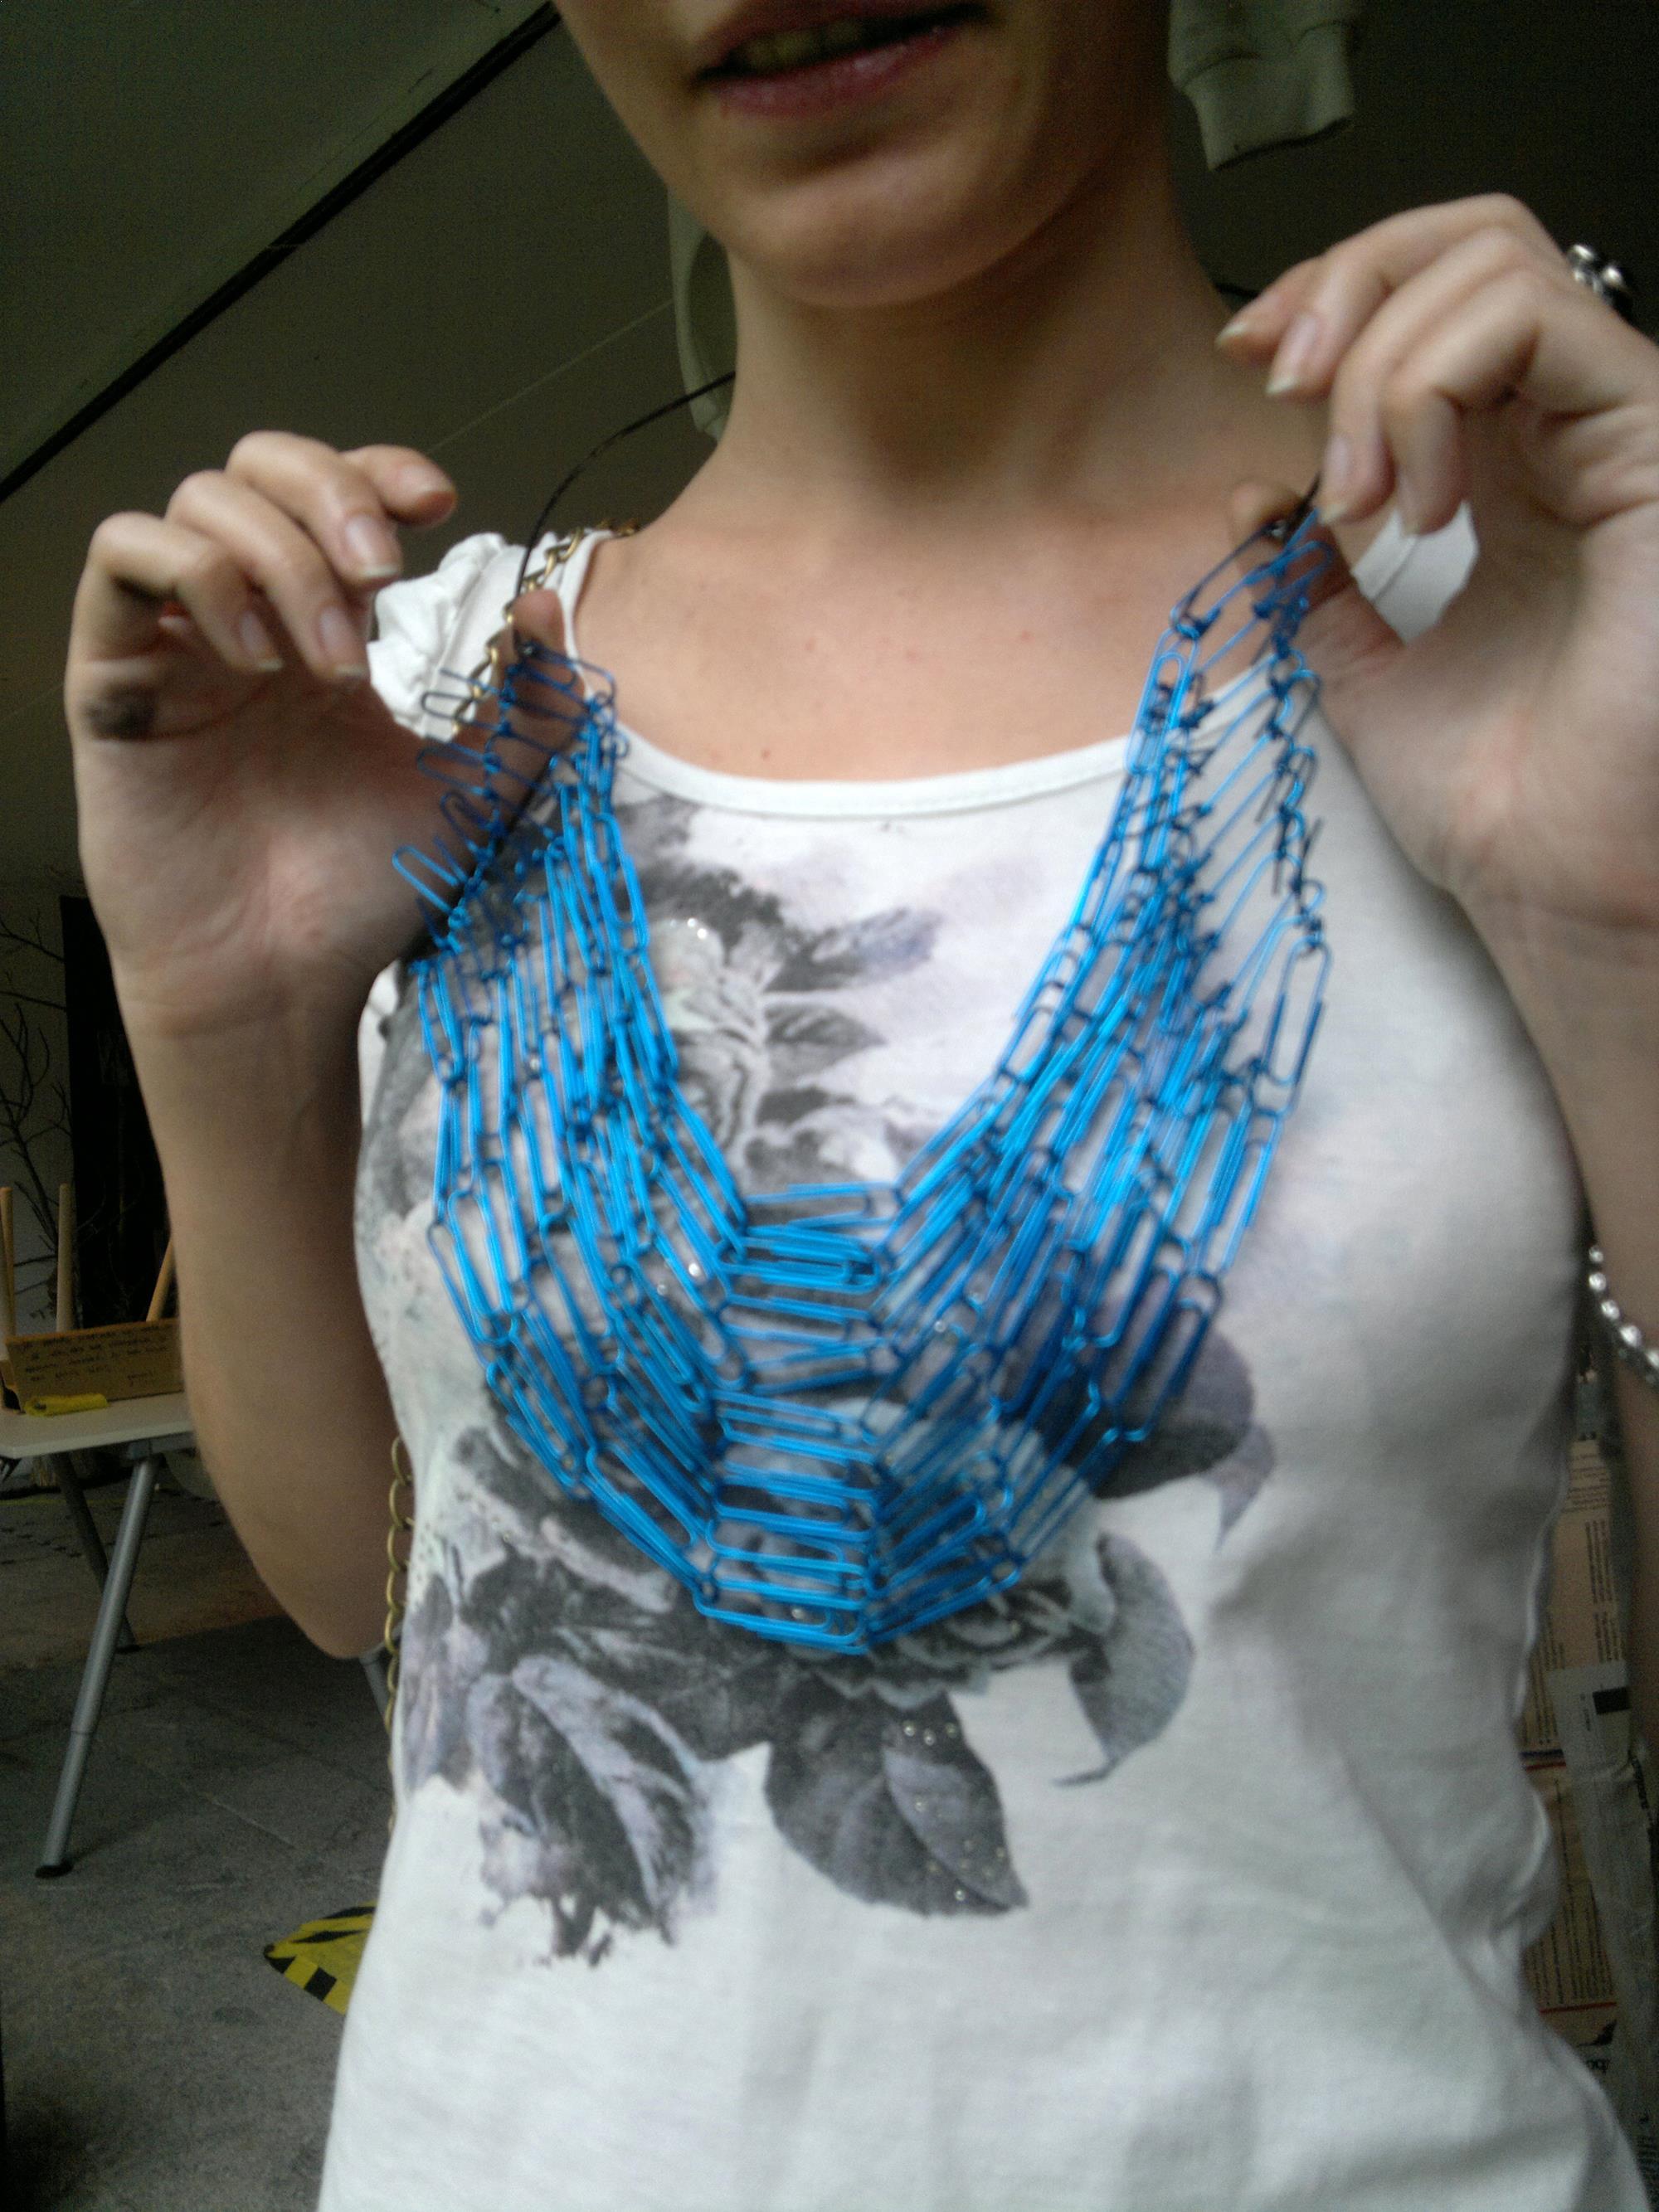 Procrastinar creando un collar de clips azules de oficina.